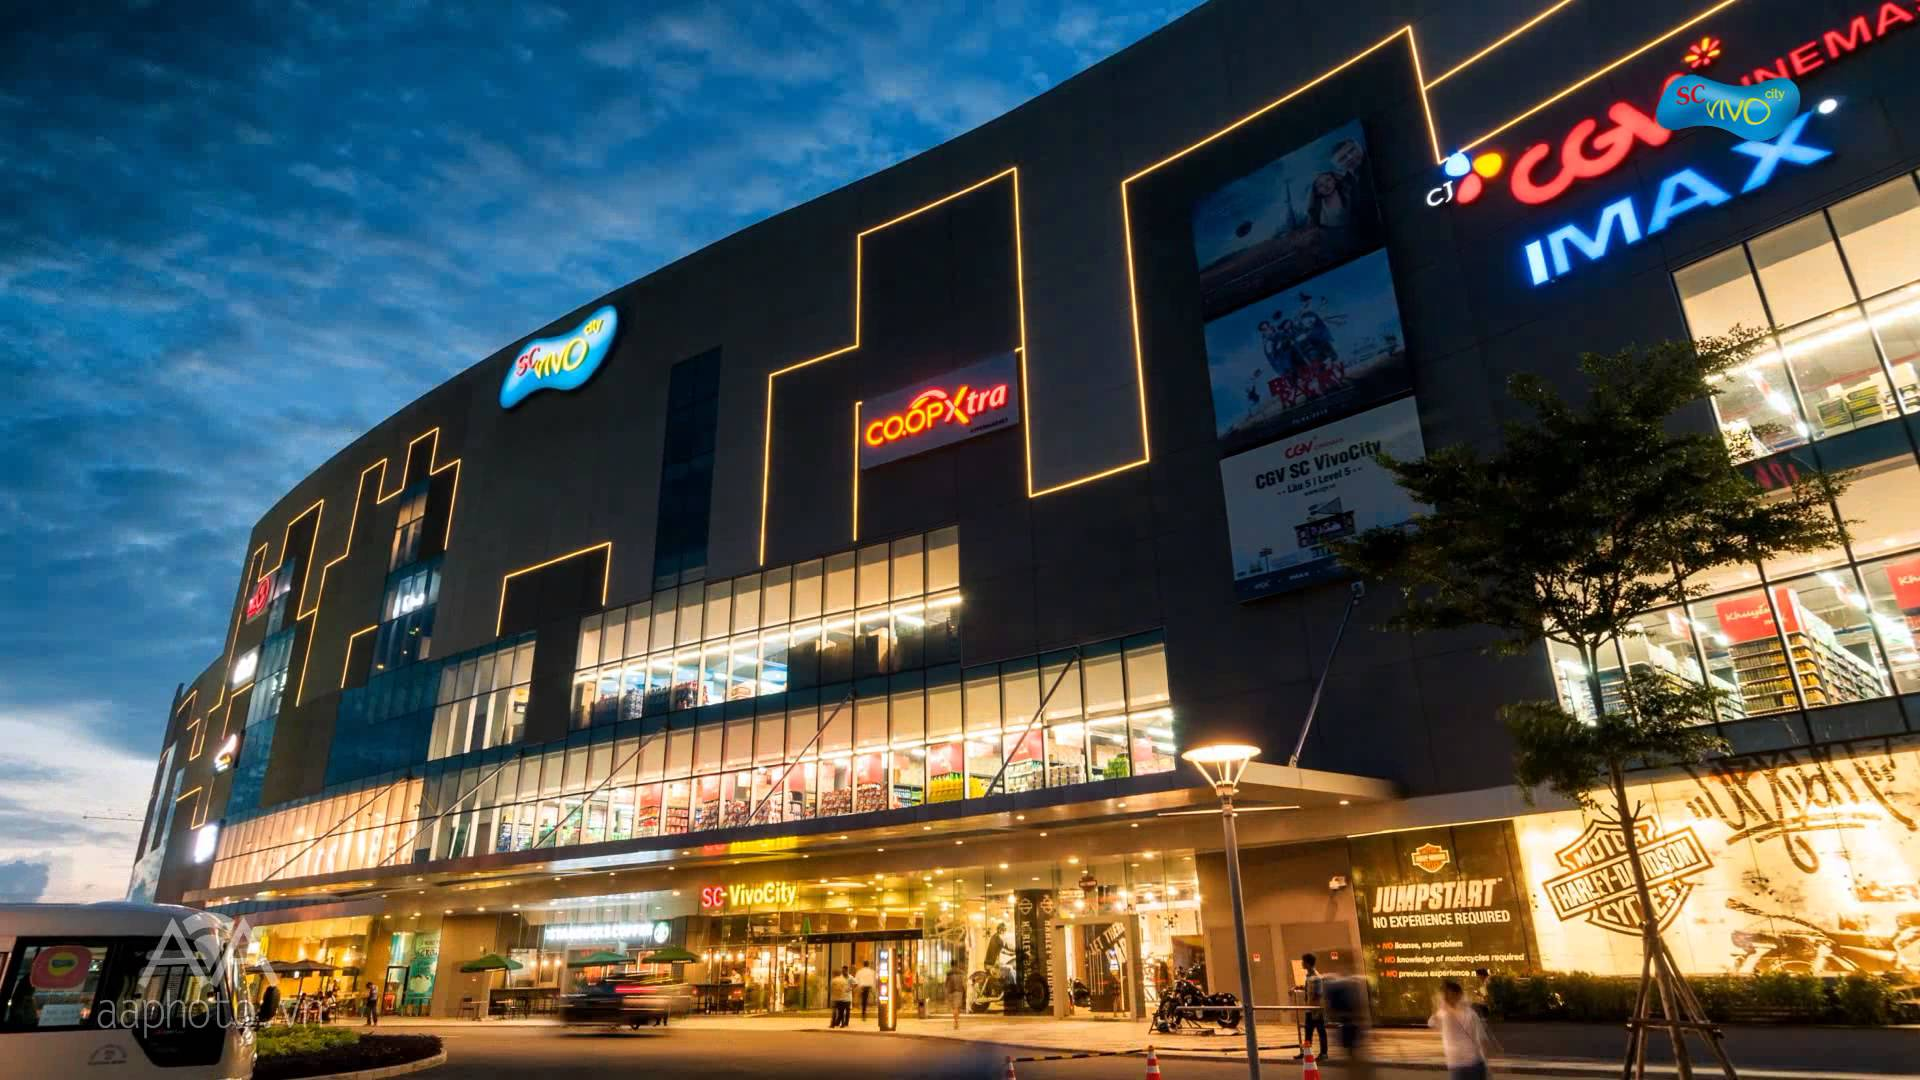 Trung tâm thoung7 mại Vivo city